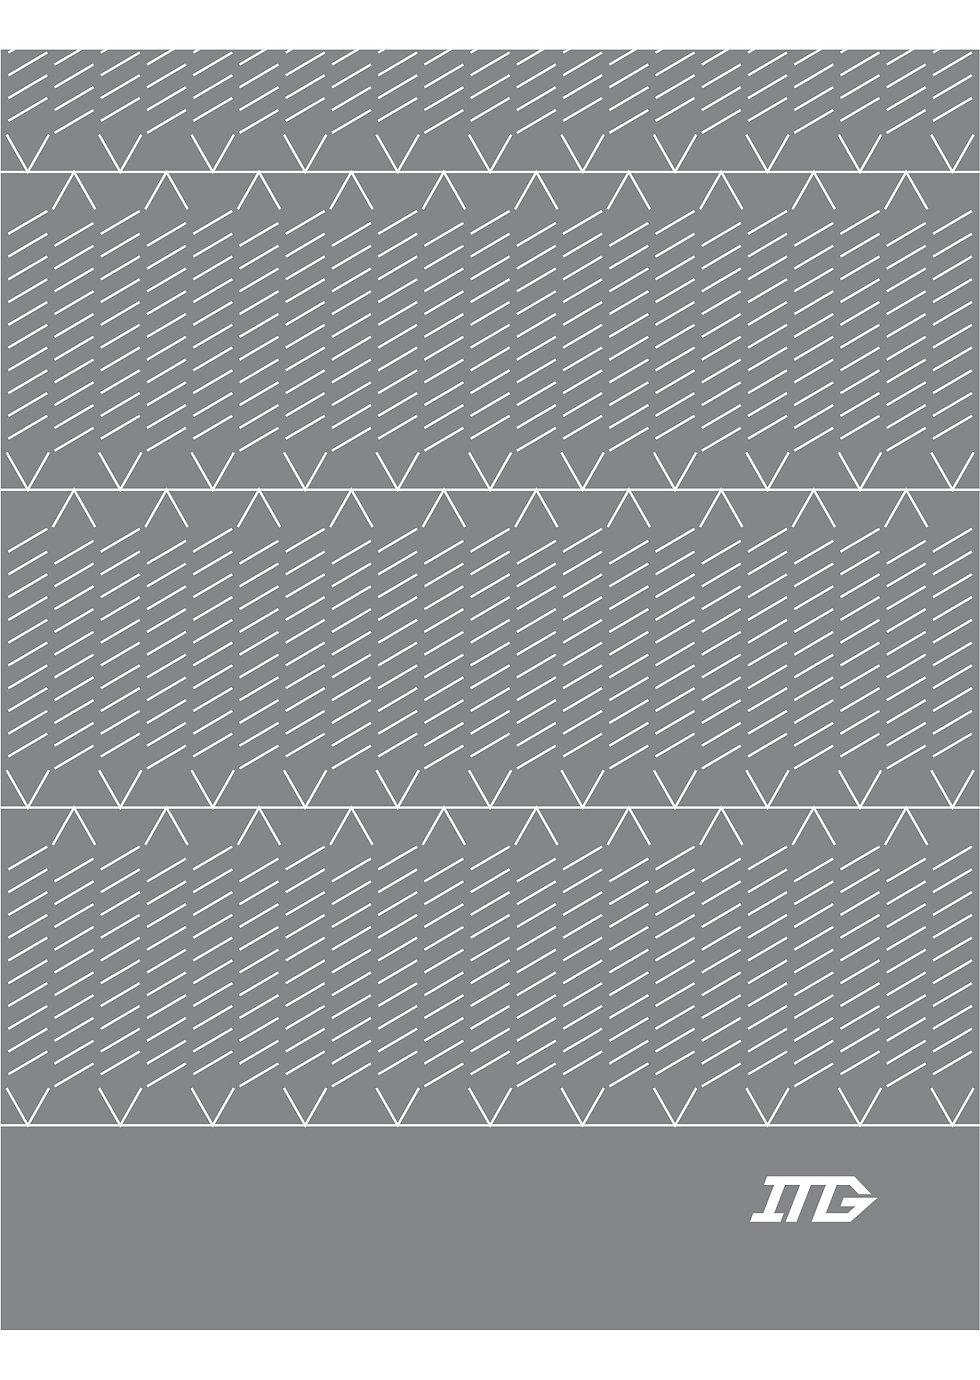 新鑫金屬標誌基礎系統-作品用-22.jpg